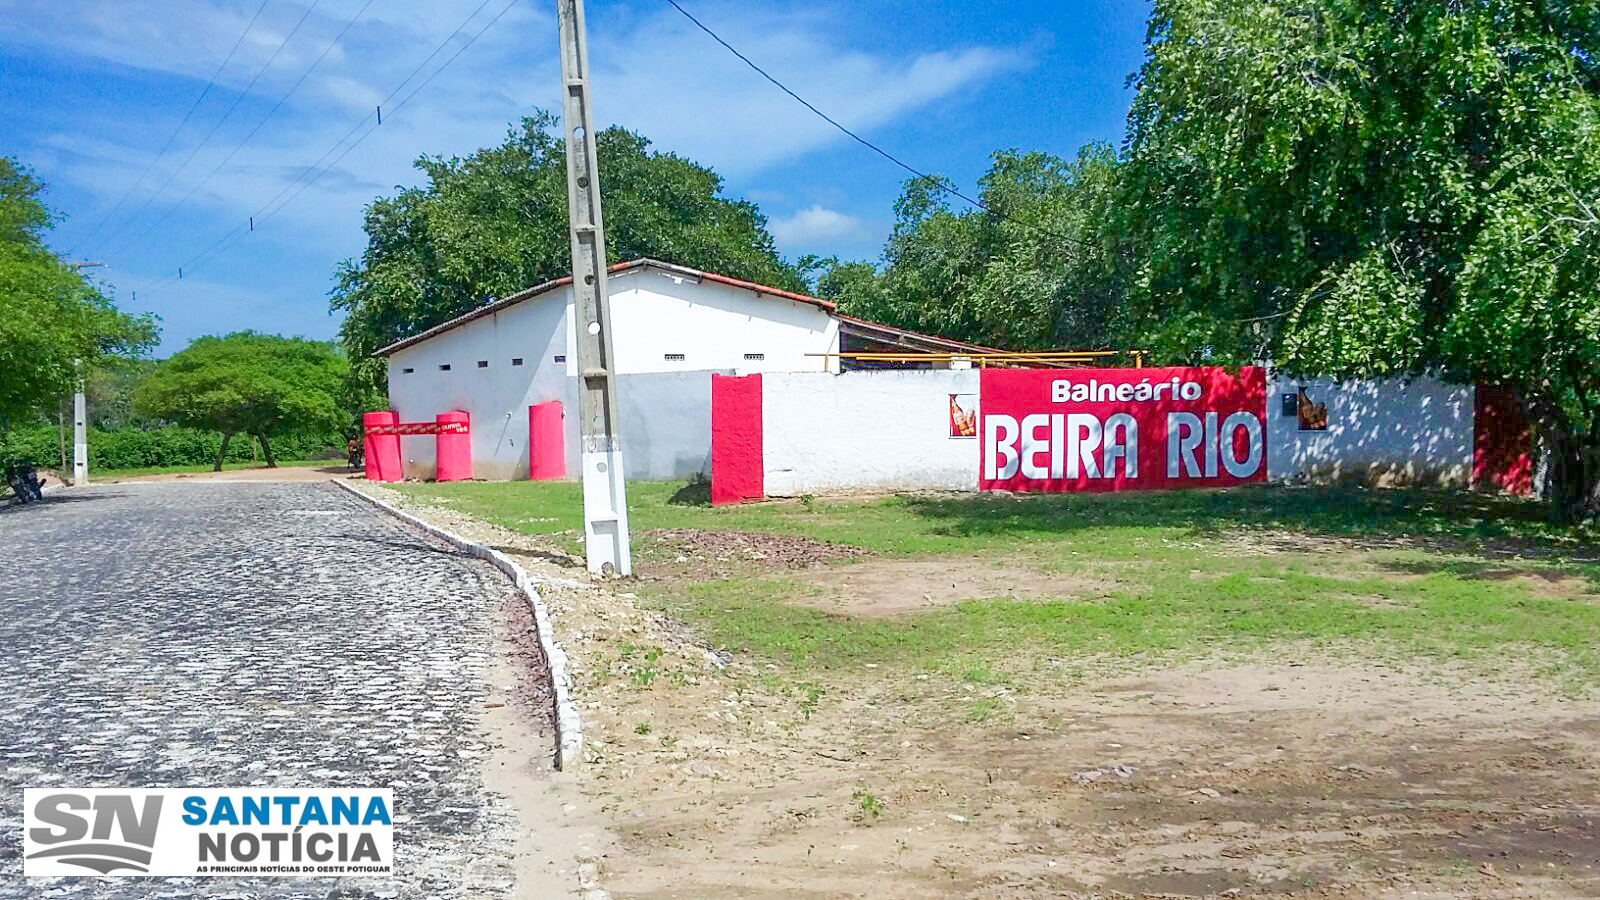 Balneário Beira Rio recebendo seus últimos ajustes para o Carnaval